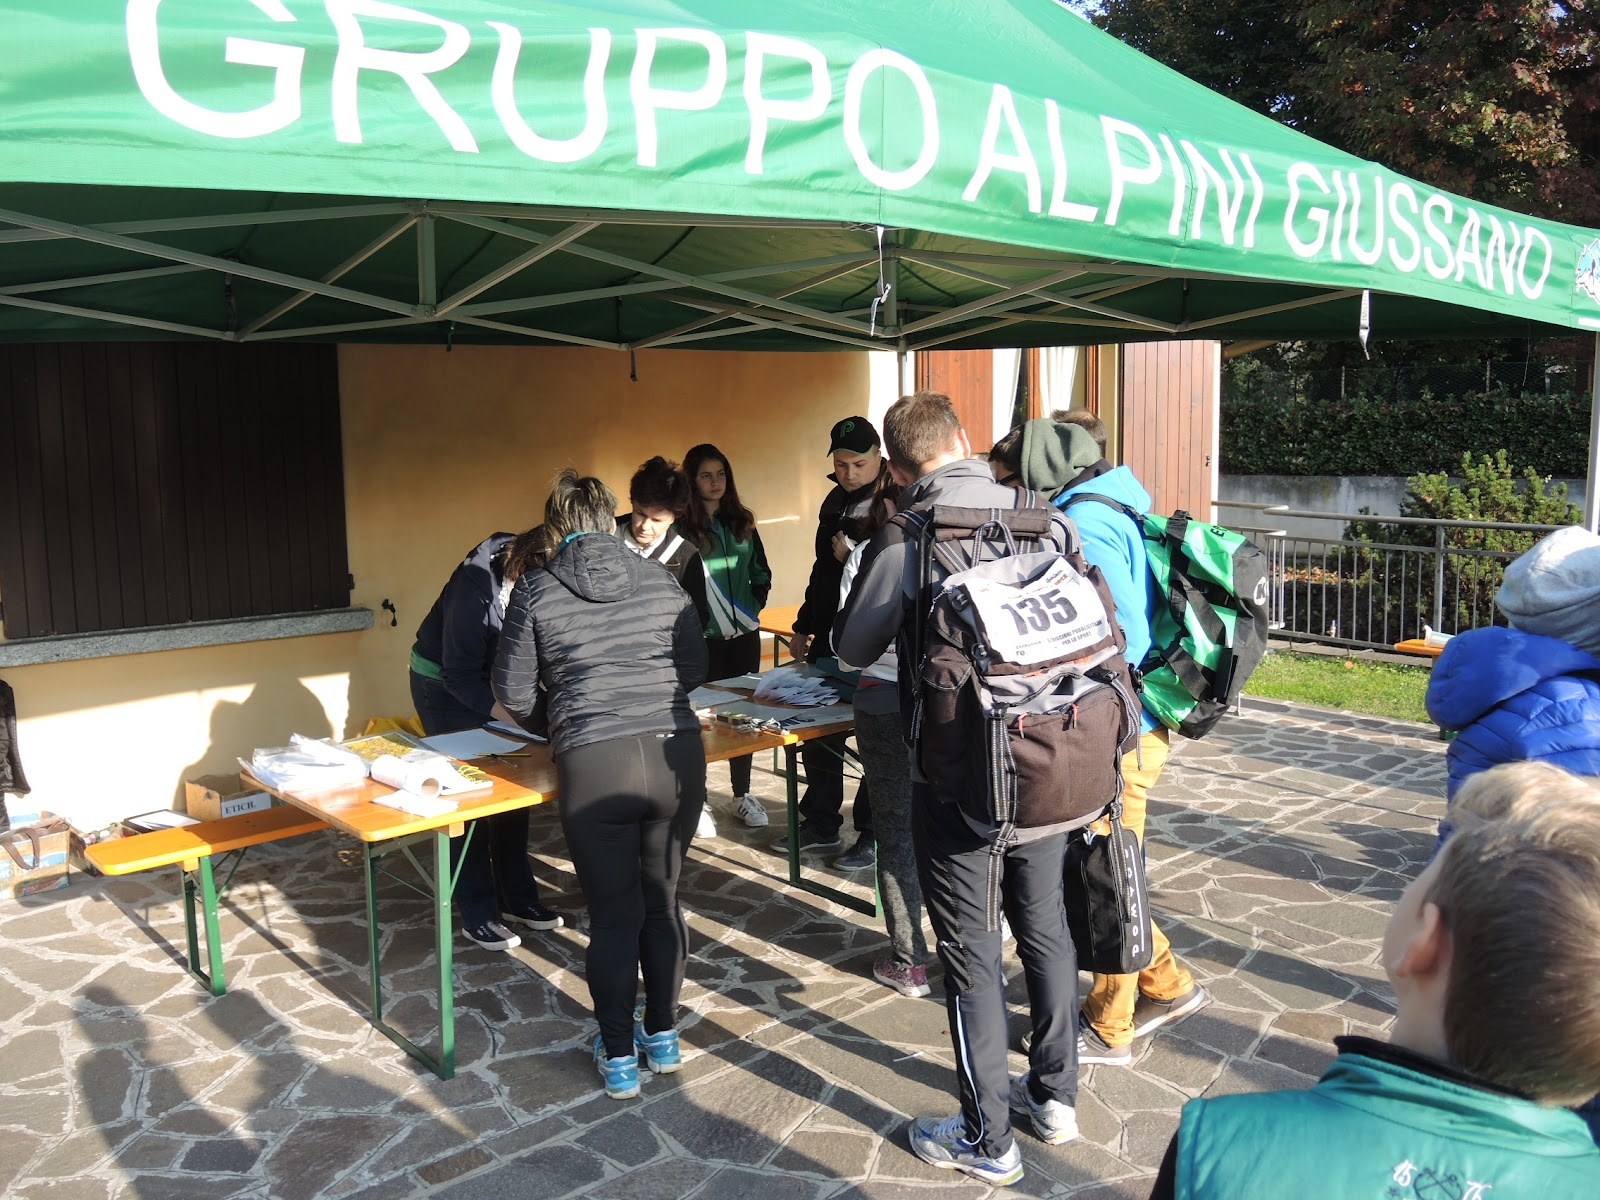 promozionale Proval-O a Giussano, 2° Memorial 'Pippo Tealdo' (G.S.Delta)